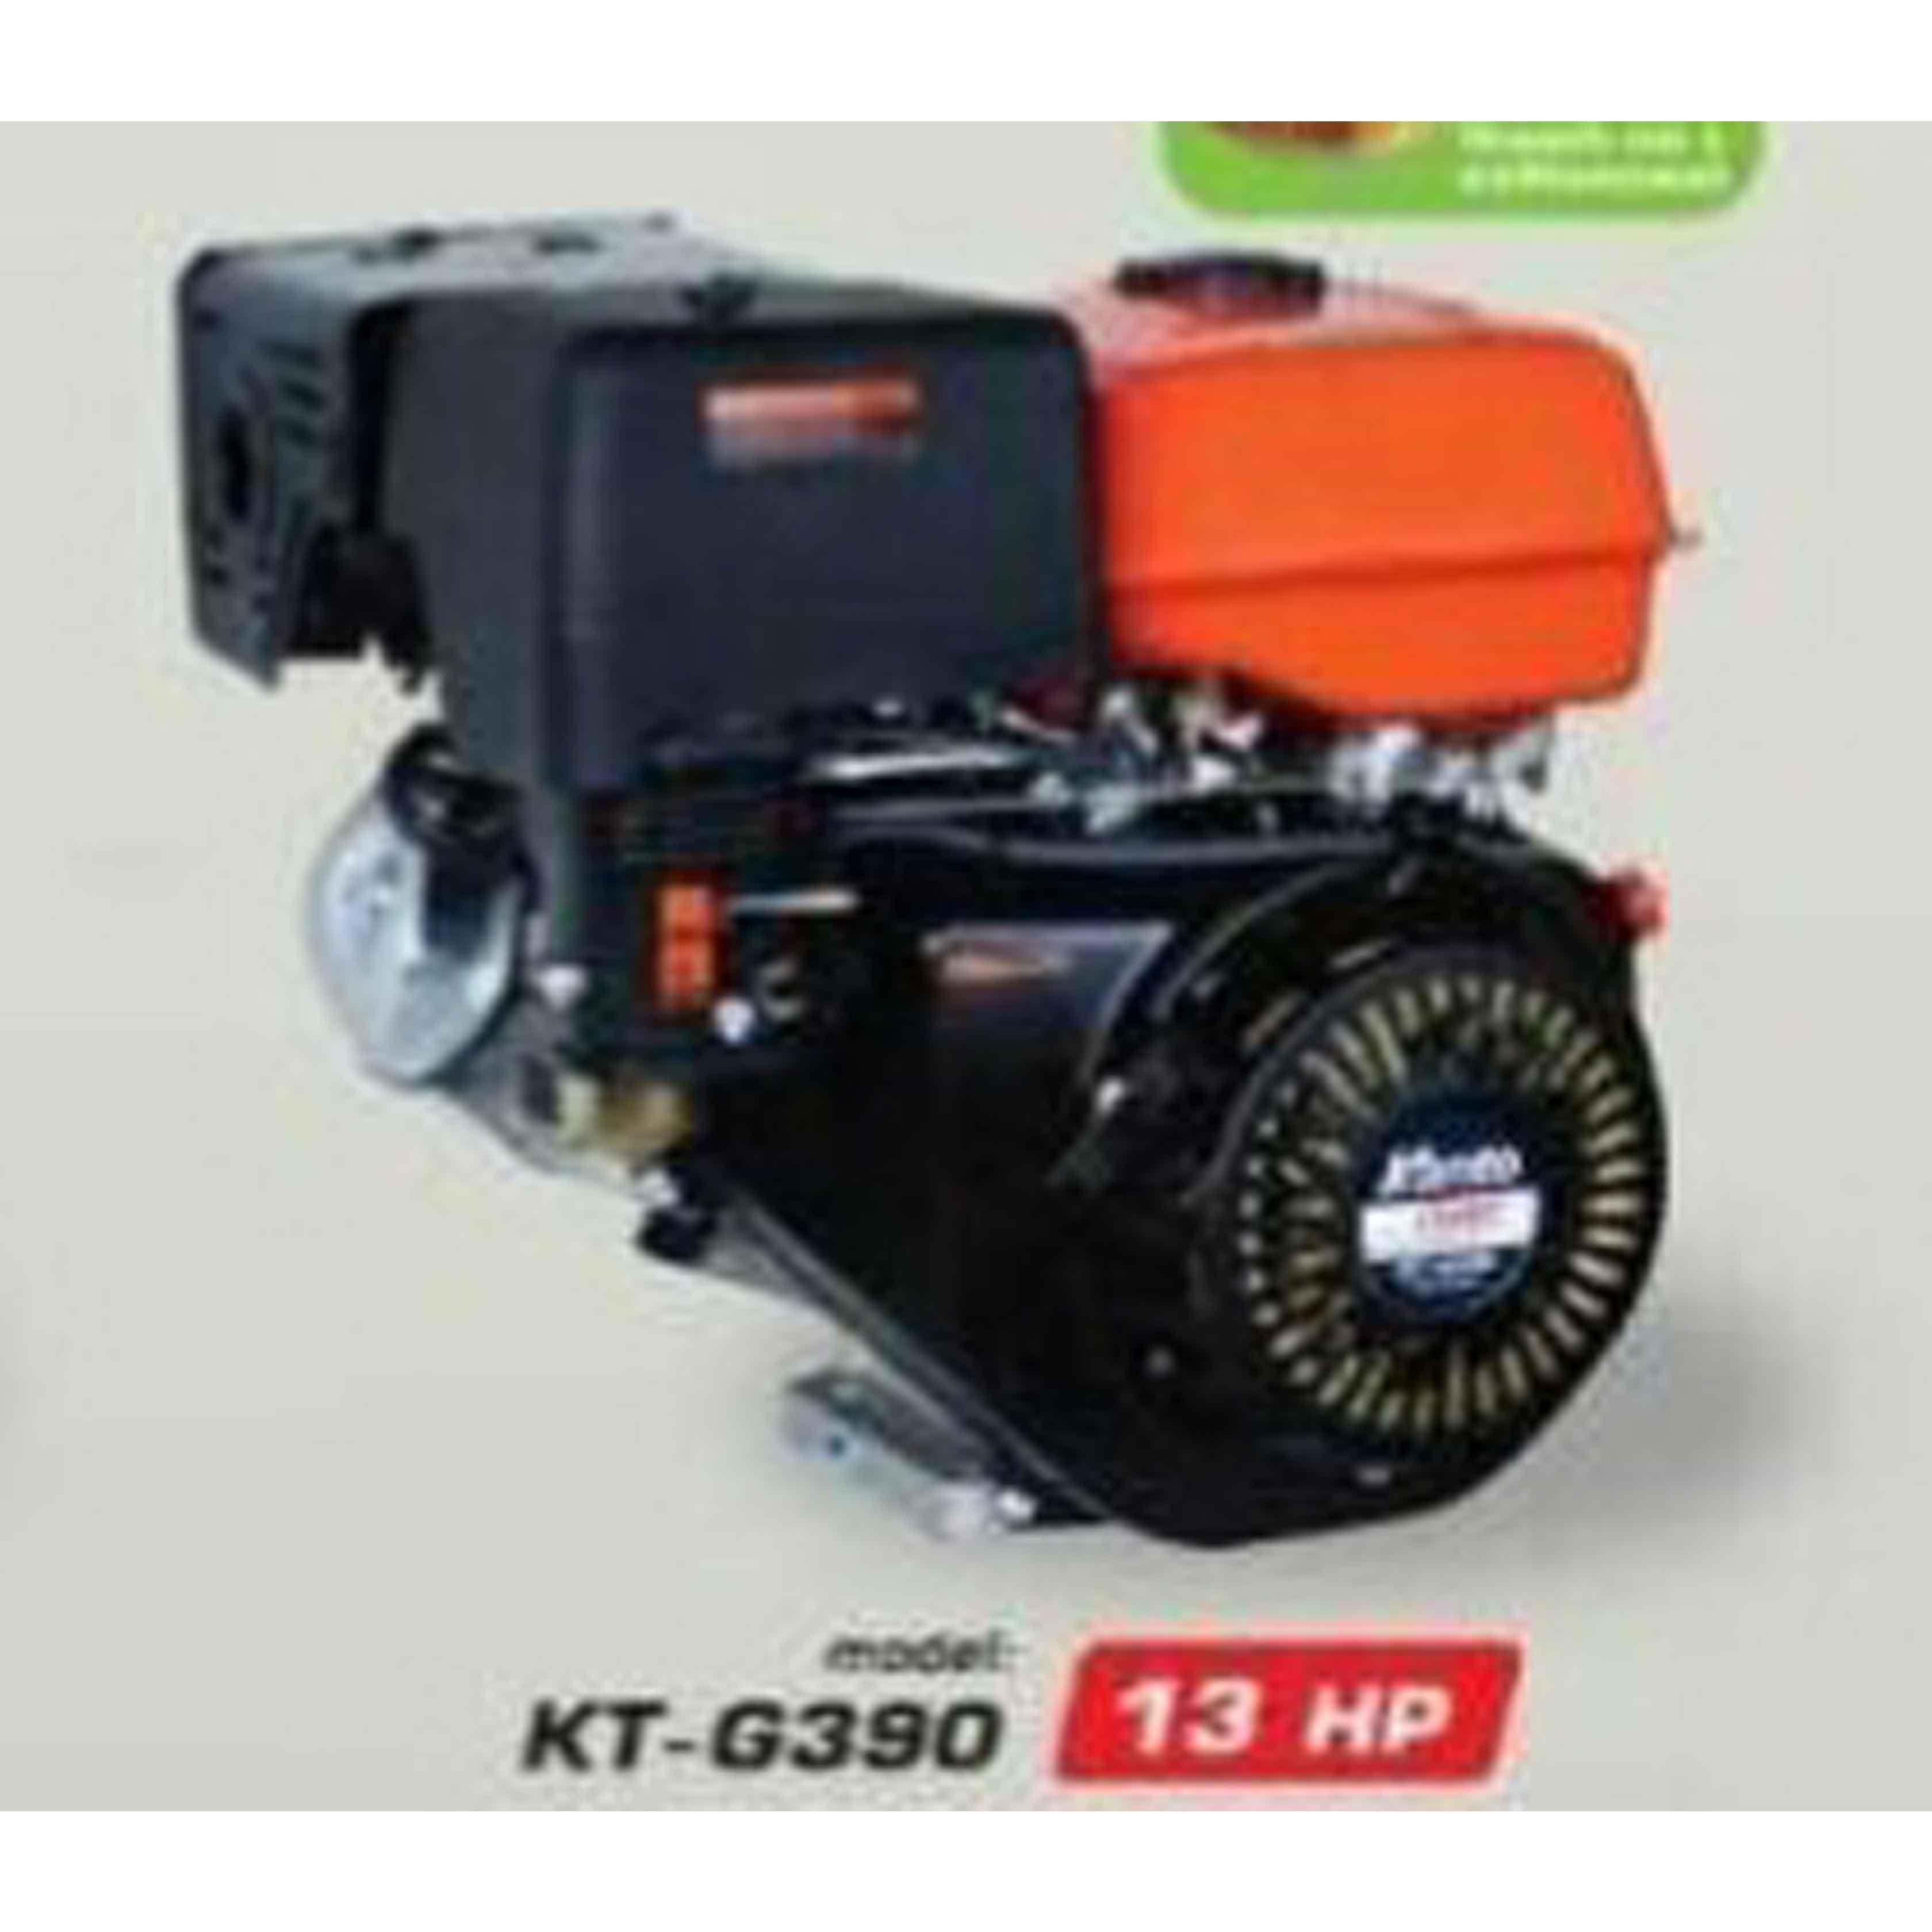 เครื่องยนต์อเนกประสงค์ เบนซิน KANTO รุ่น KT-G390,ขายเครื่องมือช่าง